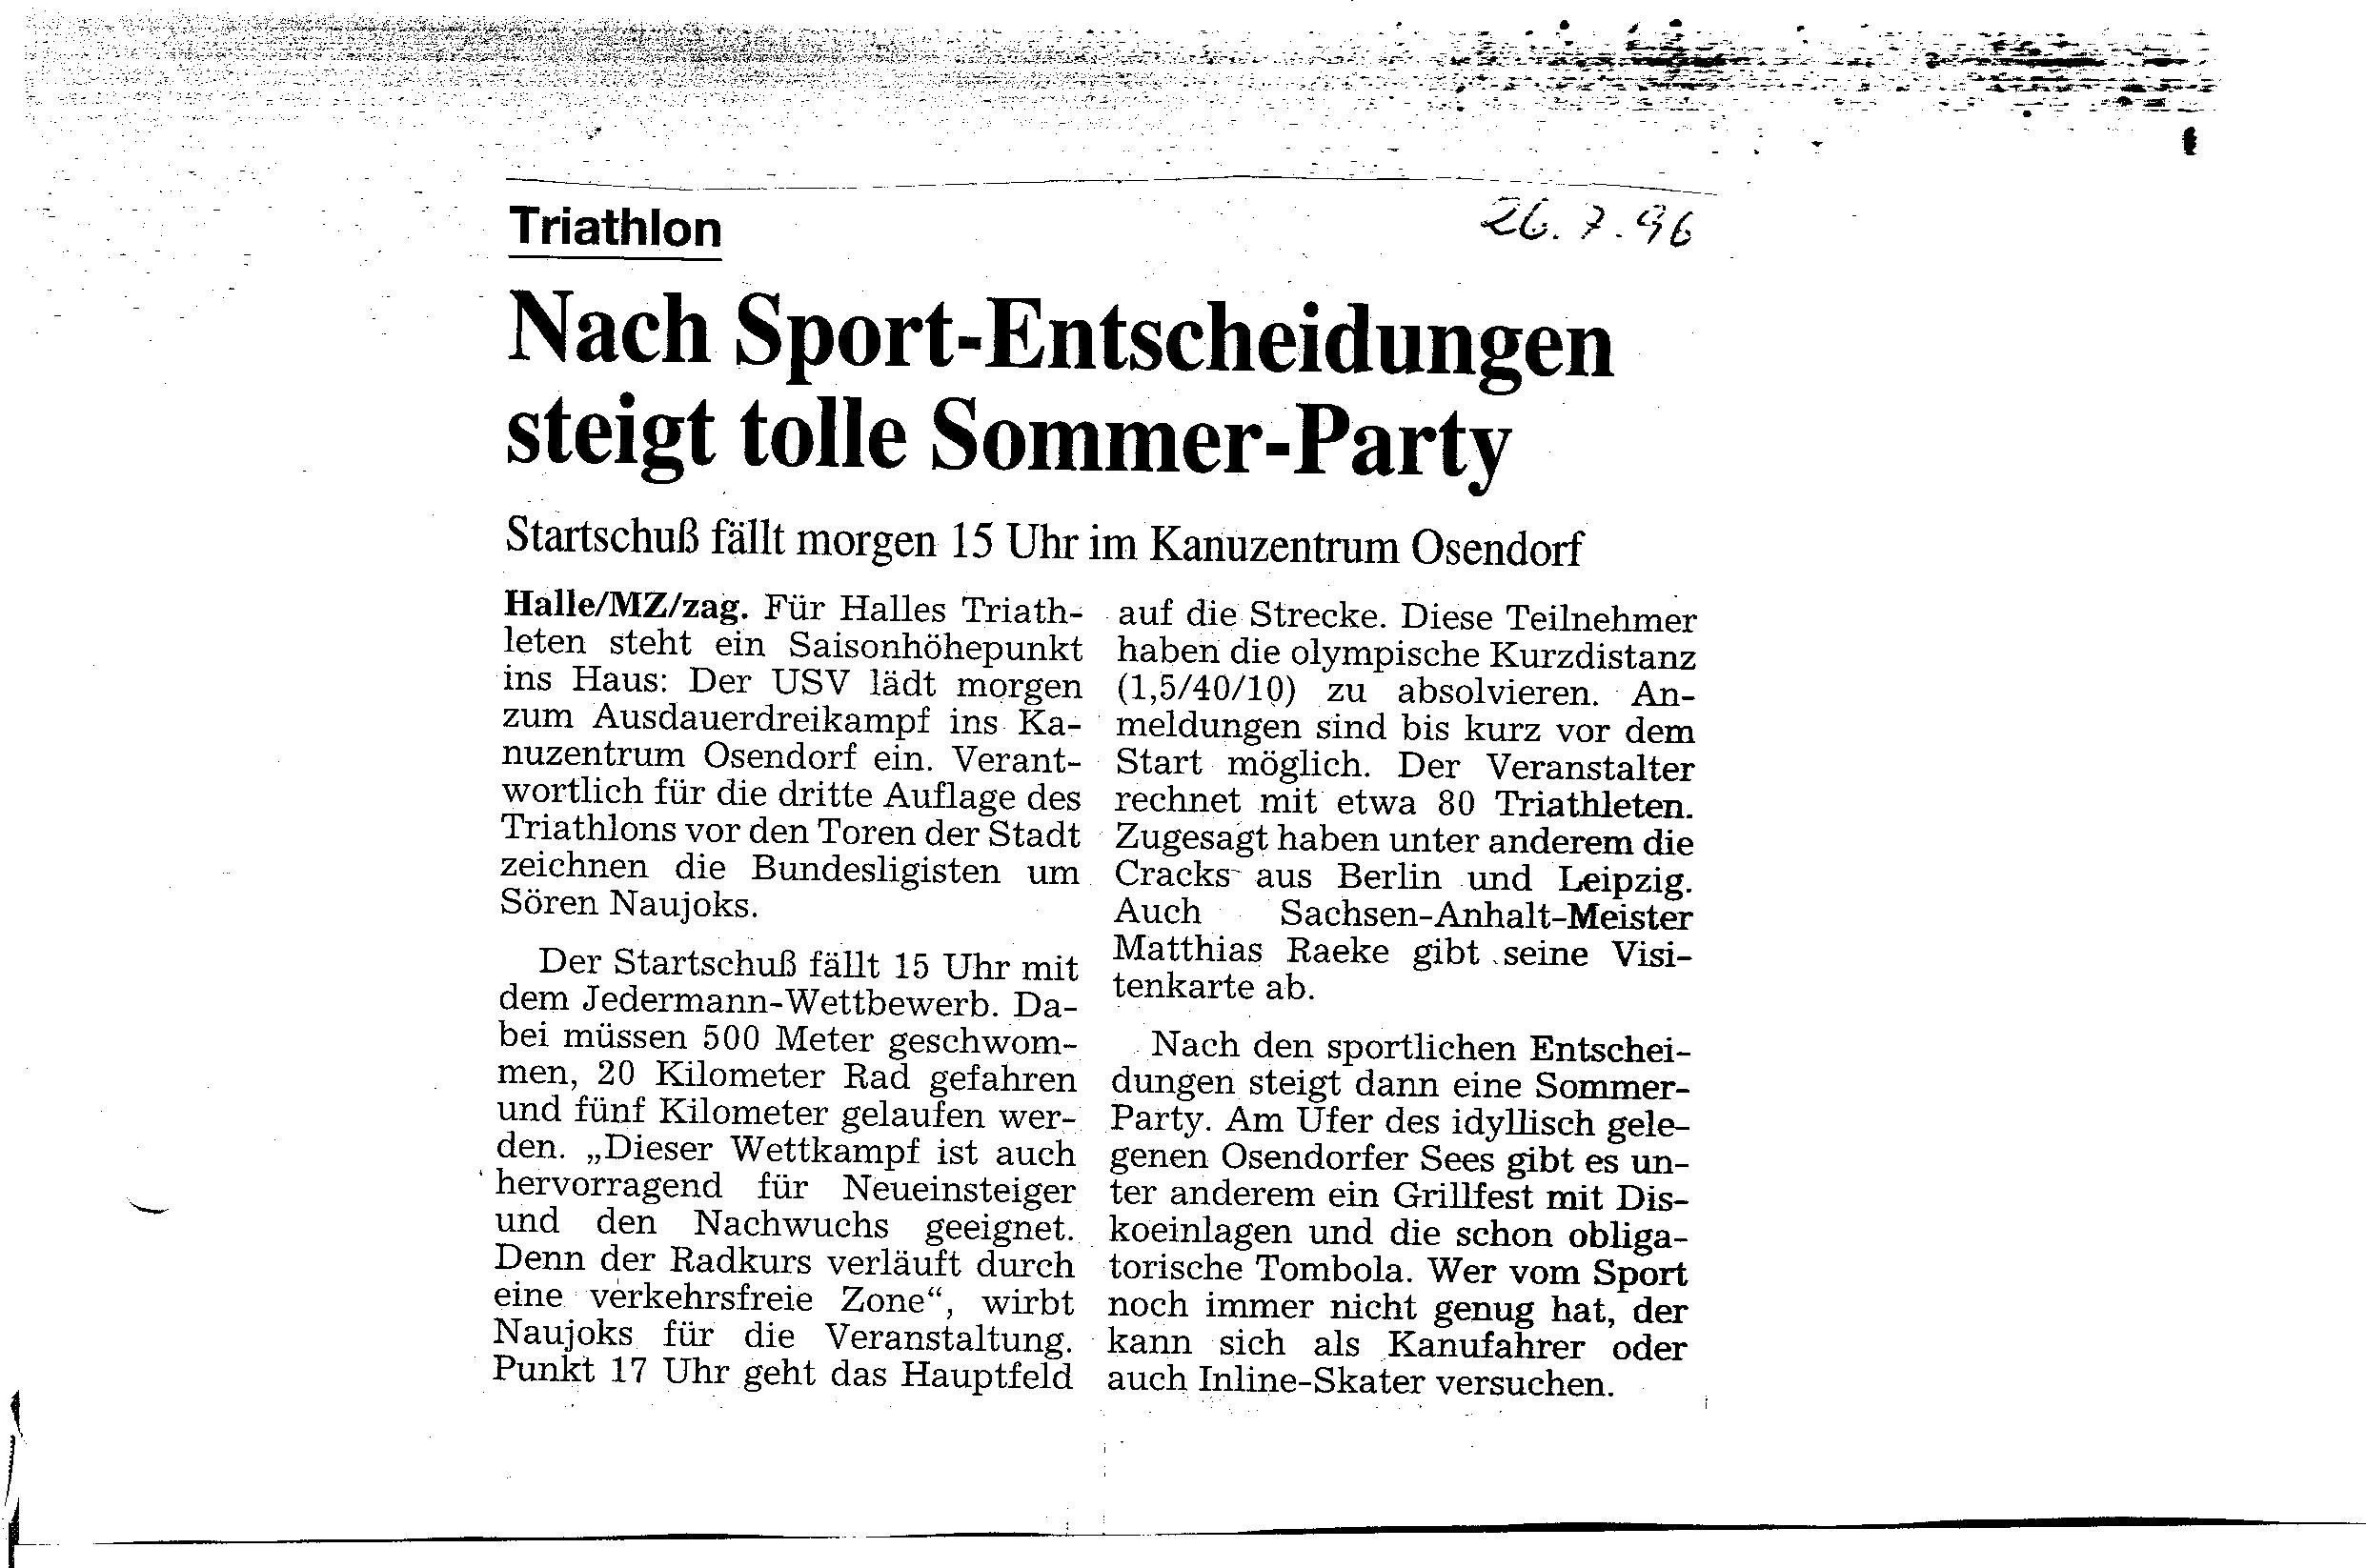 1996-07-26 MZ Nach Sport Entscheidungen steigt tolle Sommerparty